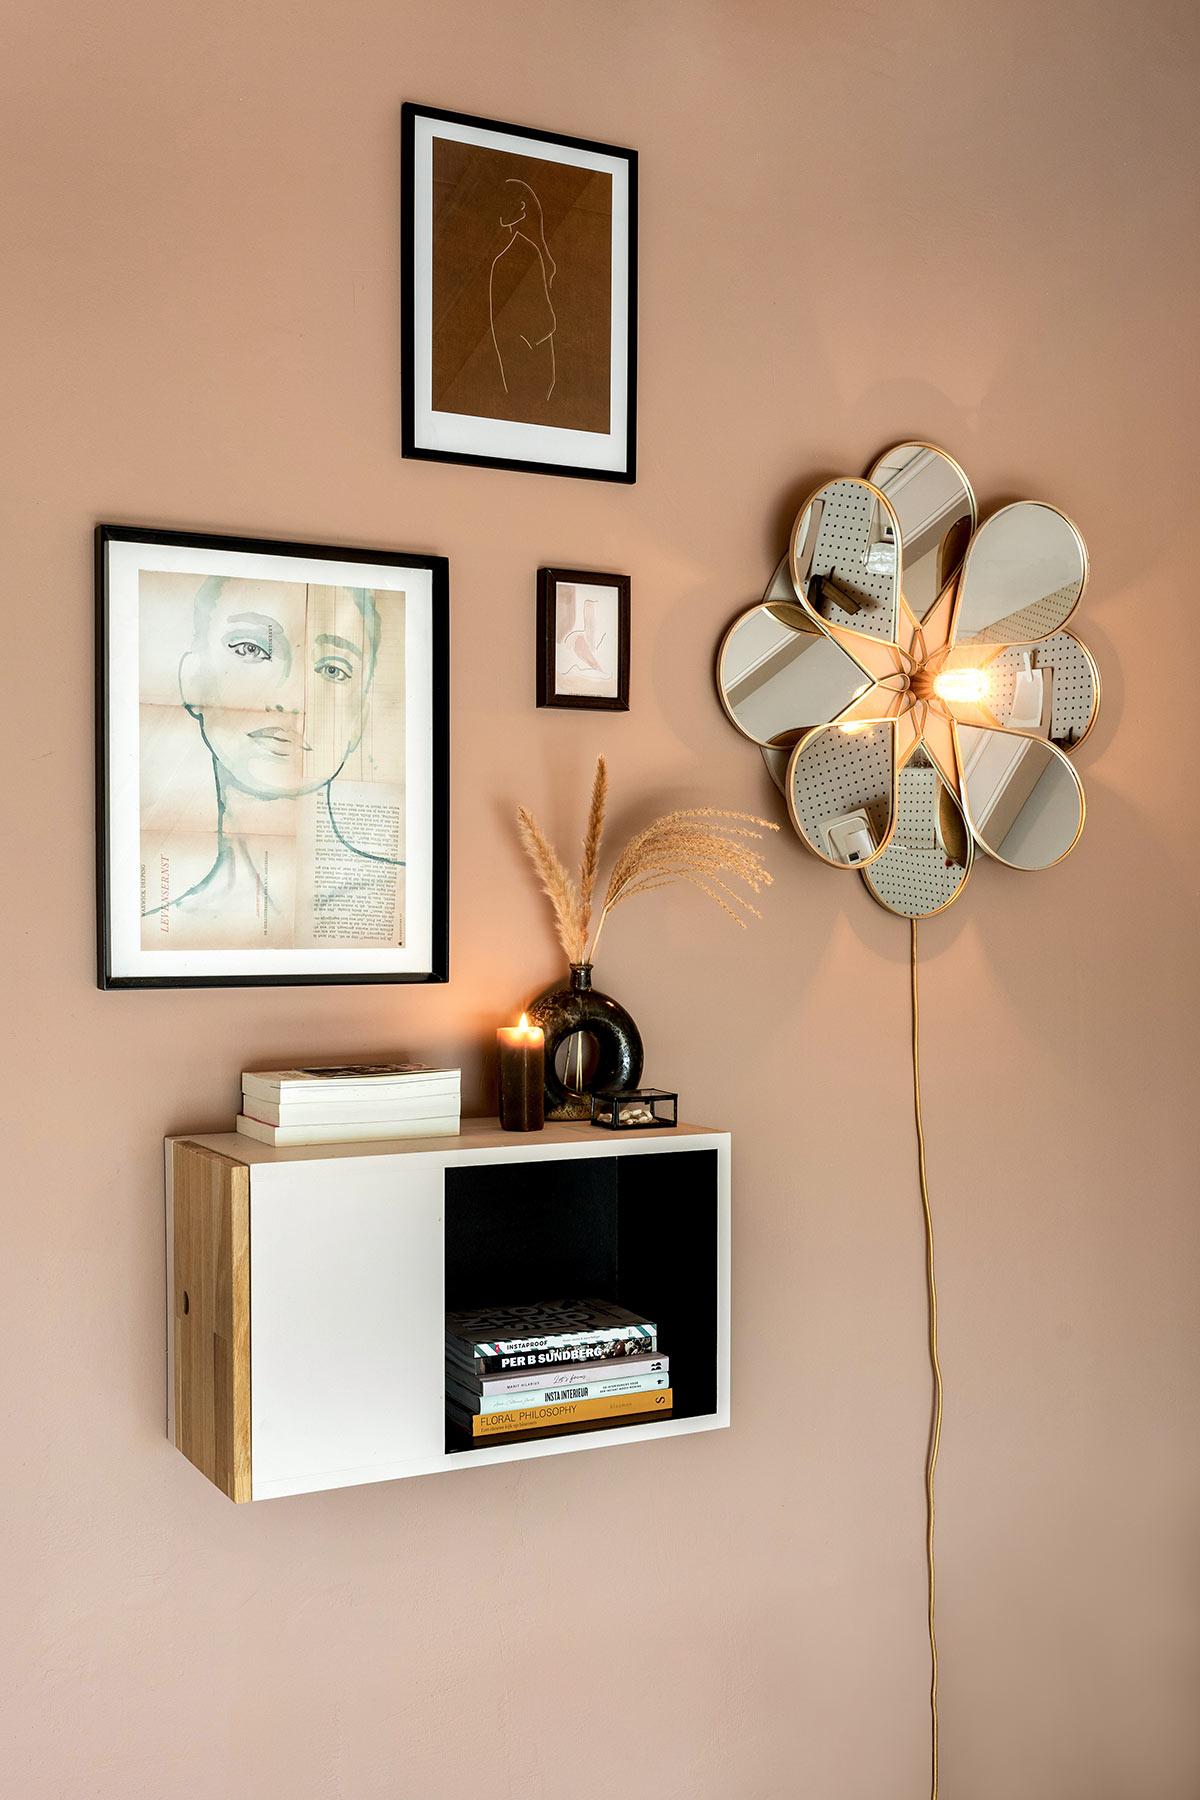 DIY wandlamp bloem wanddecoratie - Tanja van Hoogdalem